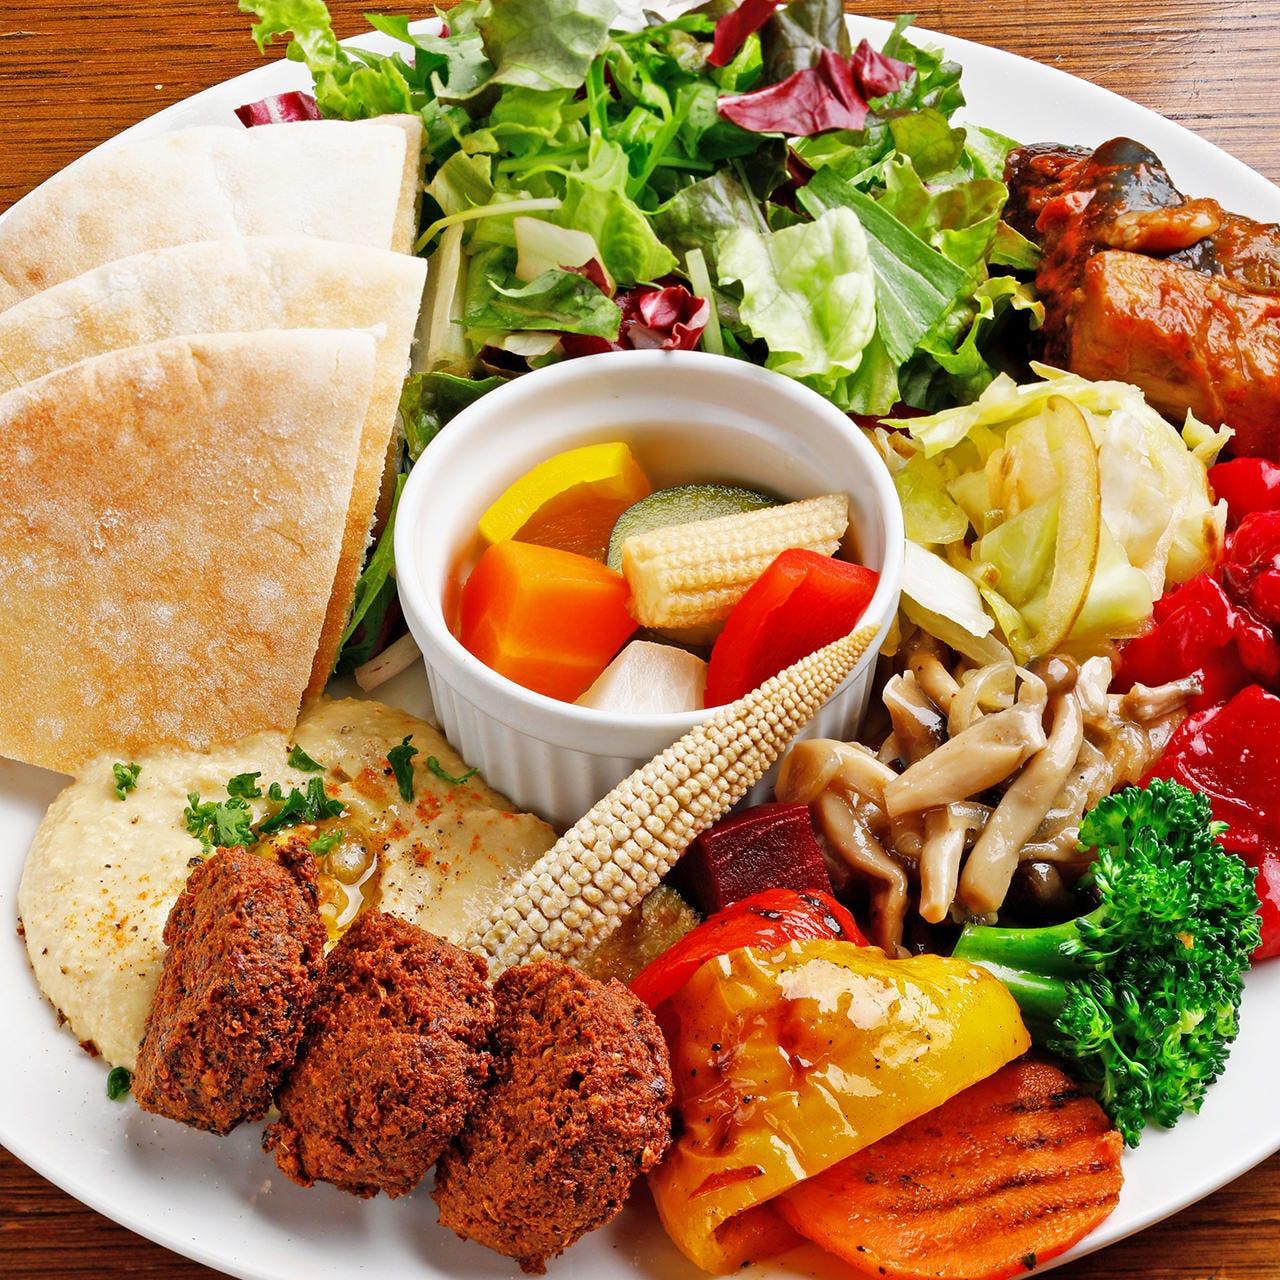 心身が潤う、野菜と豆のシンプル料理